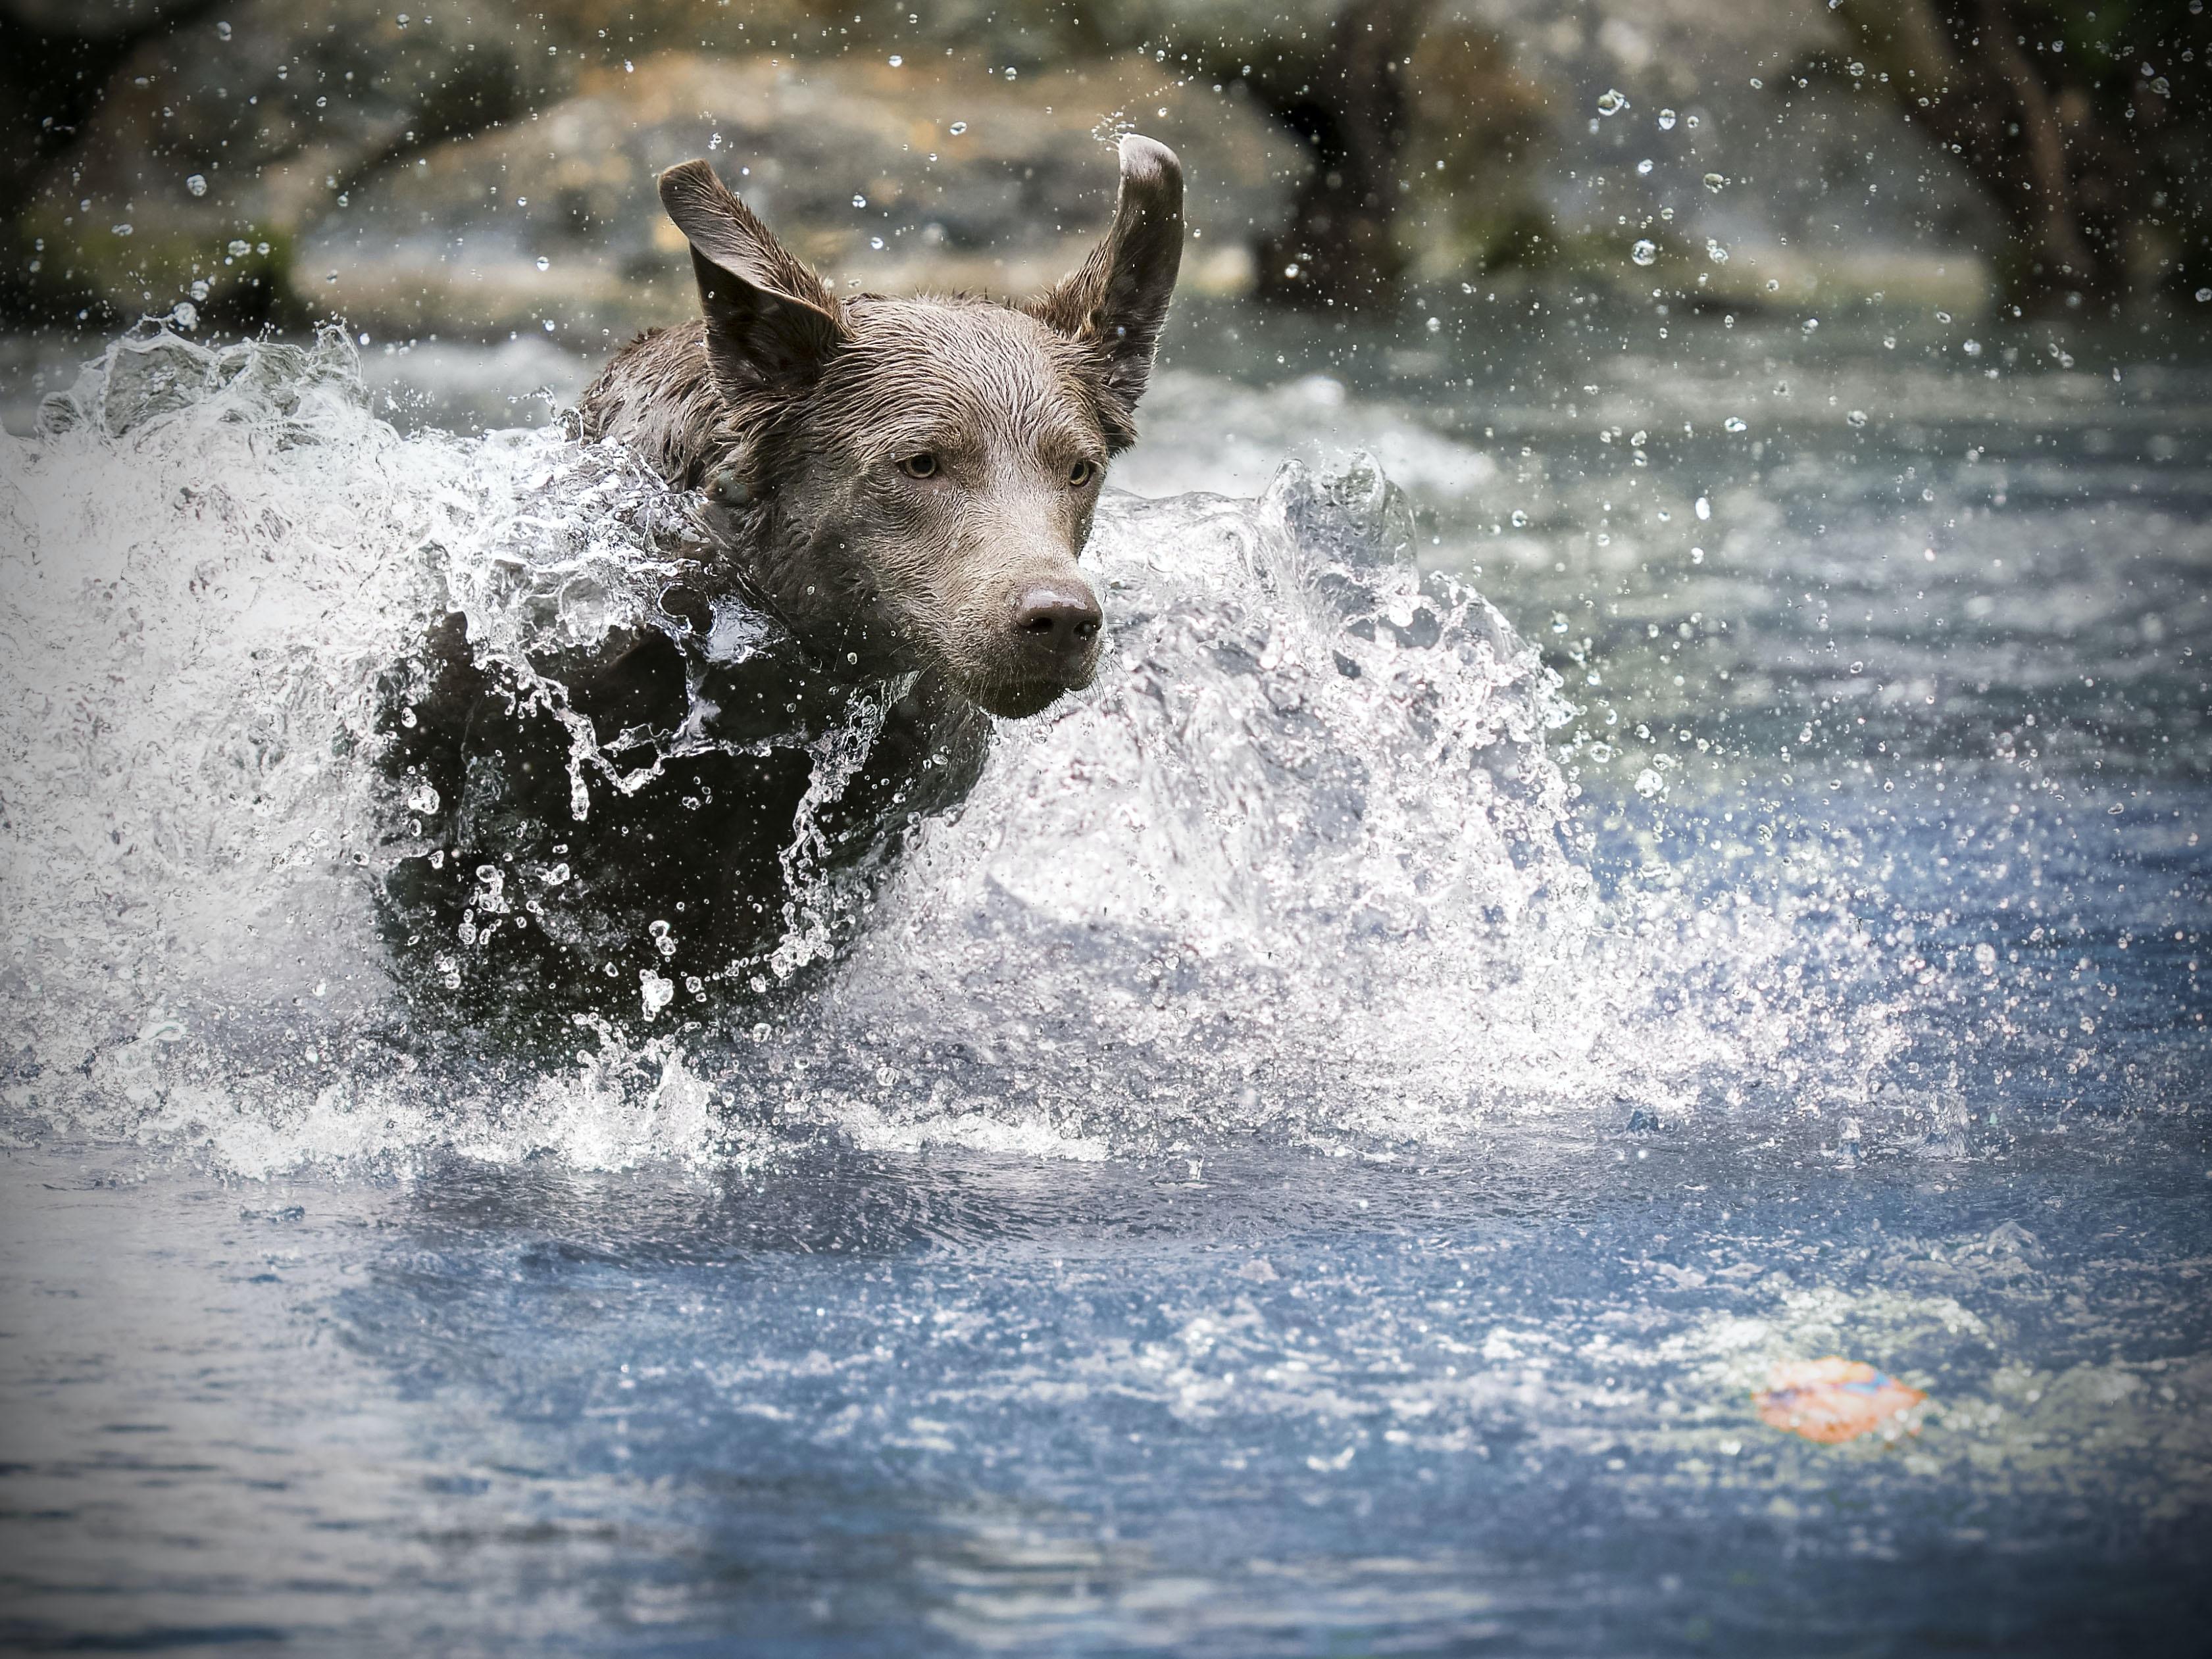 dogs walking through water during daytime